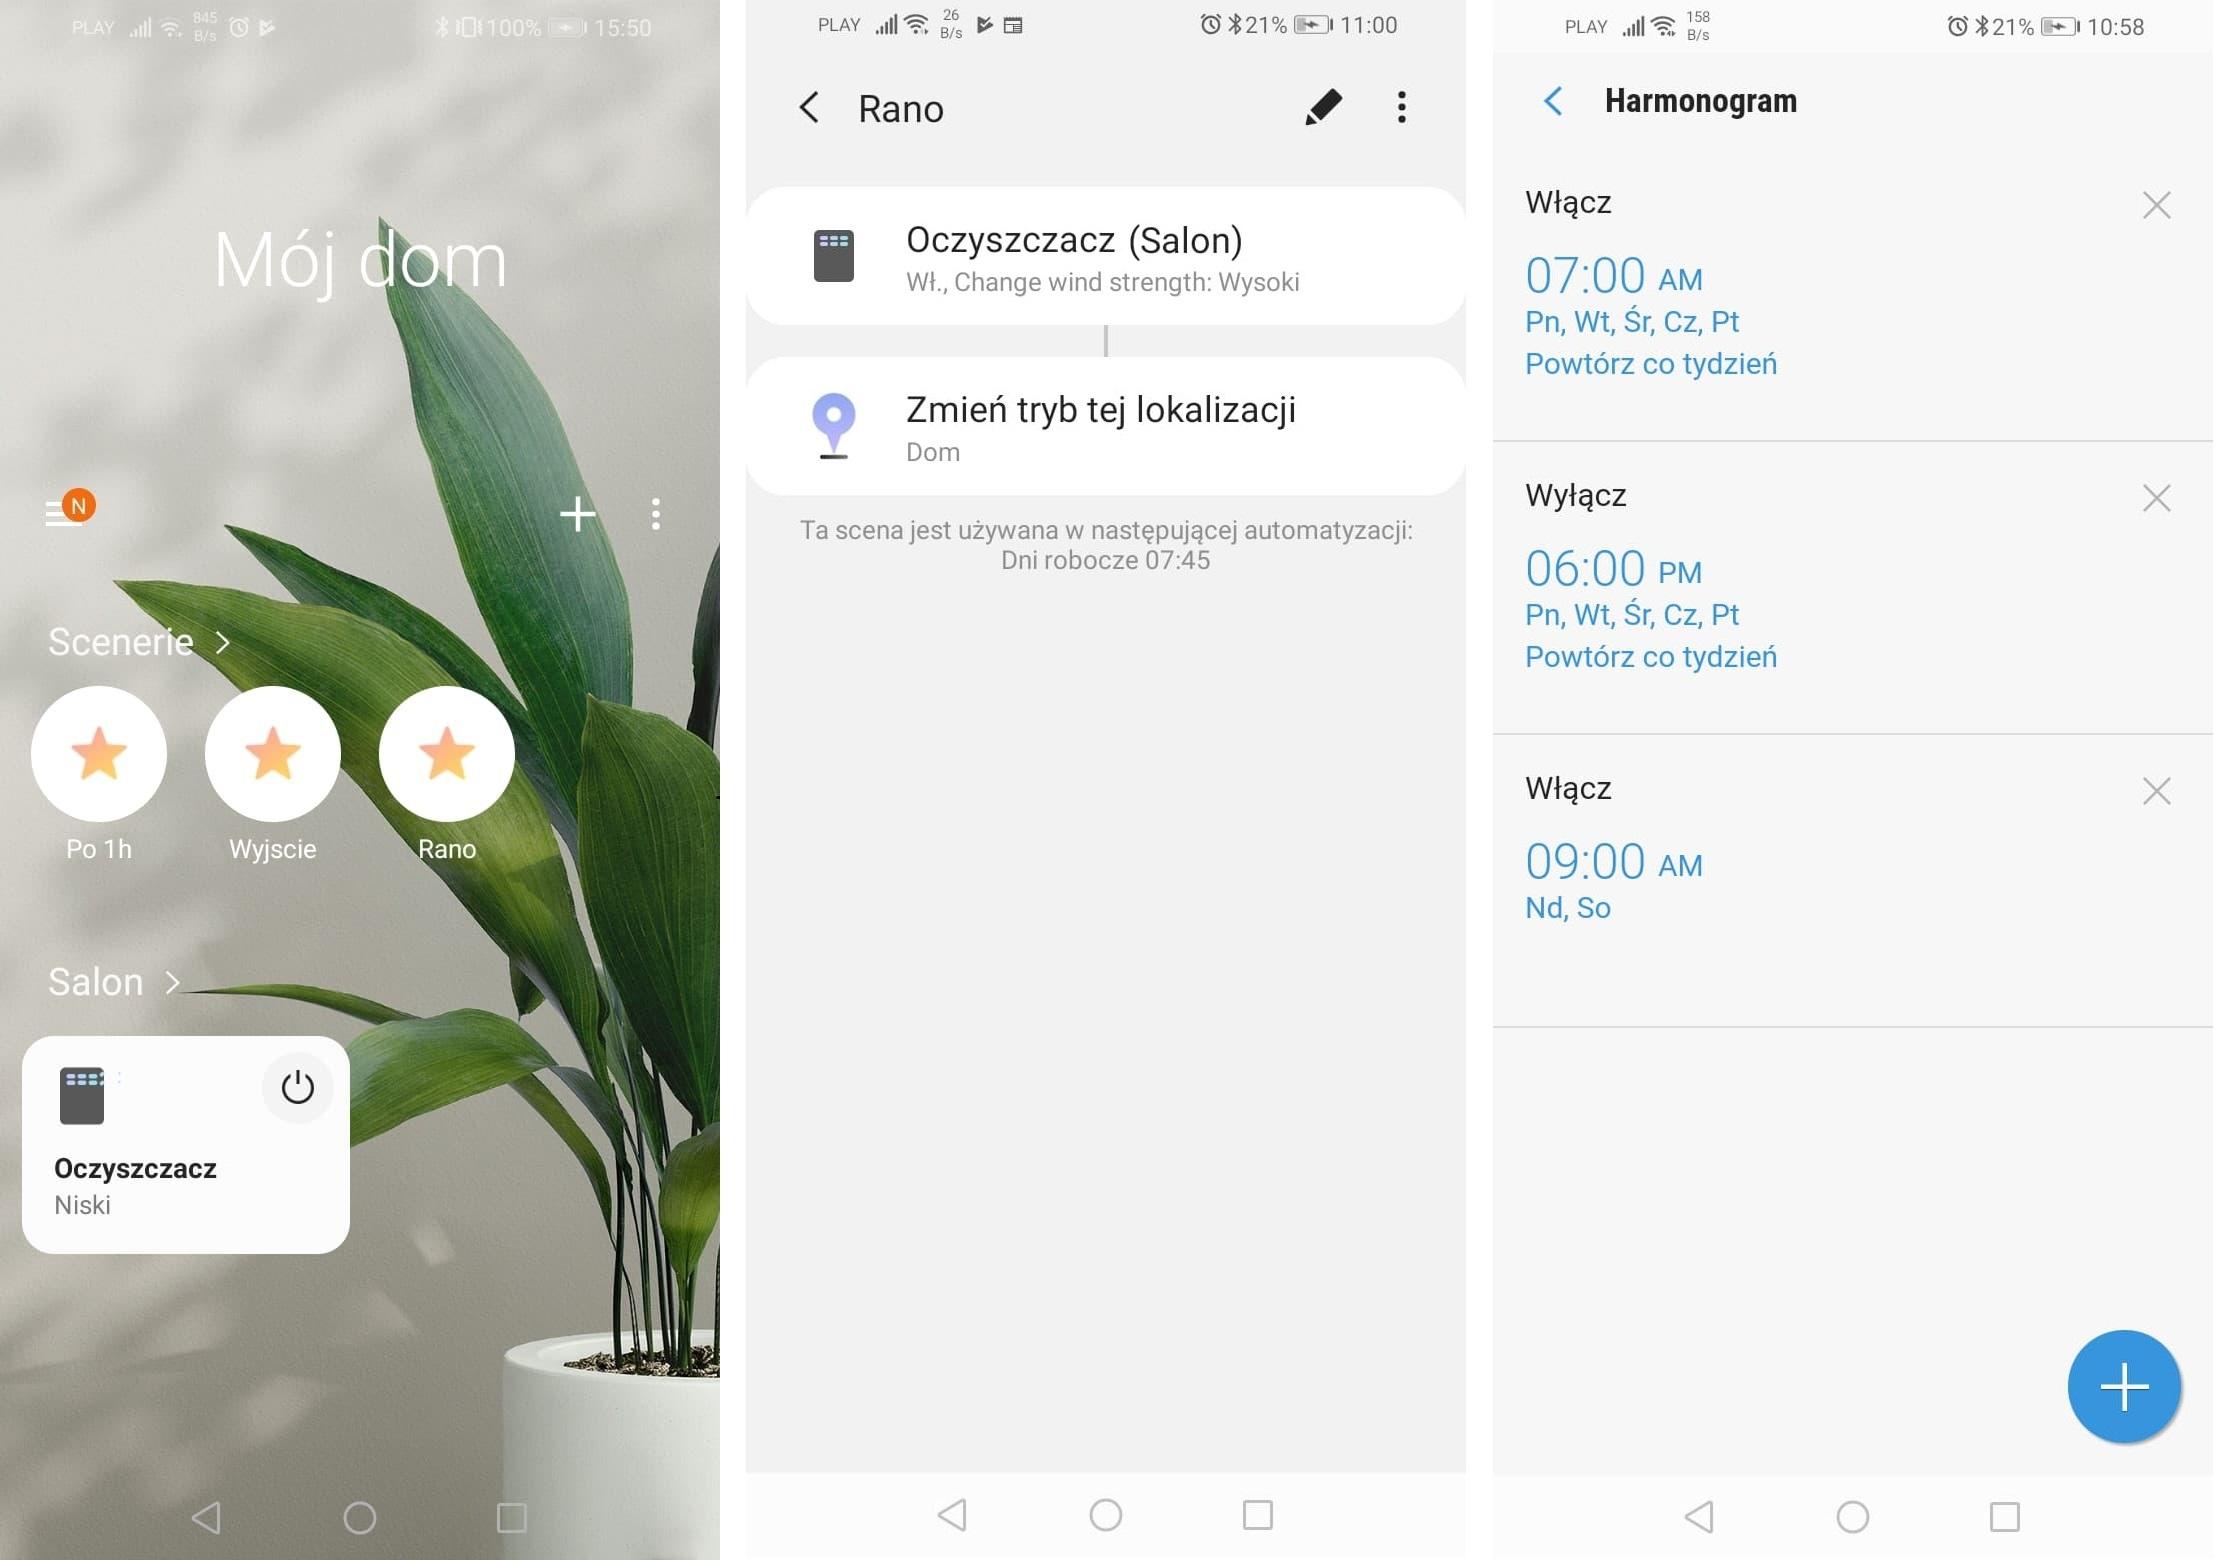 Oczyszczacze Samsung - aplikacja mobilna SmartThings